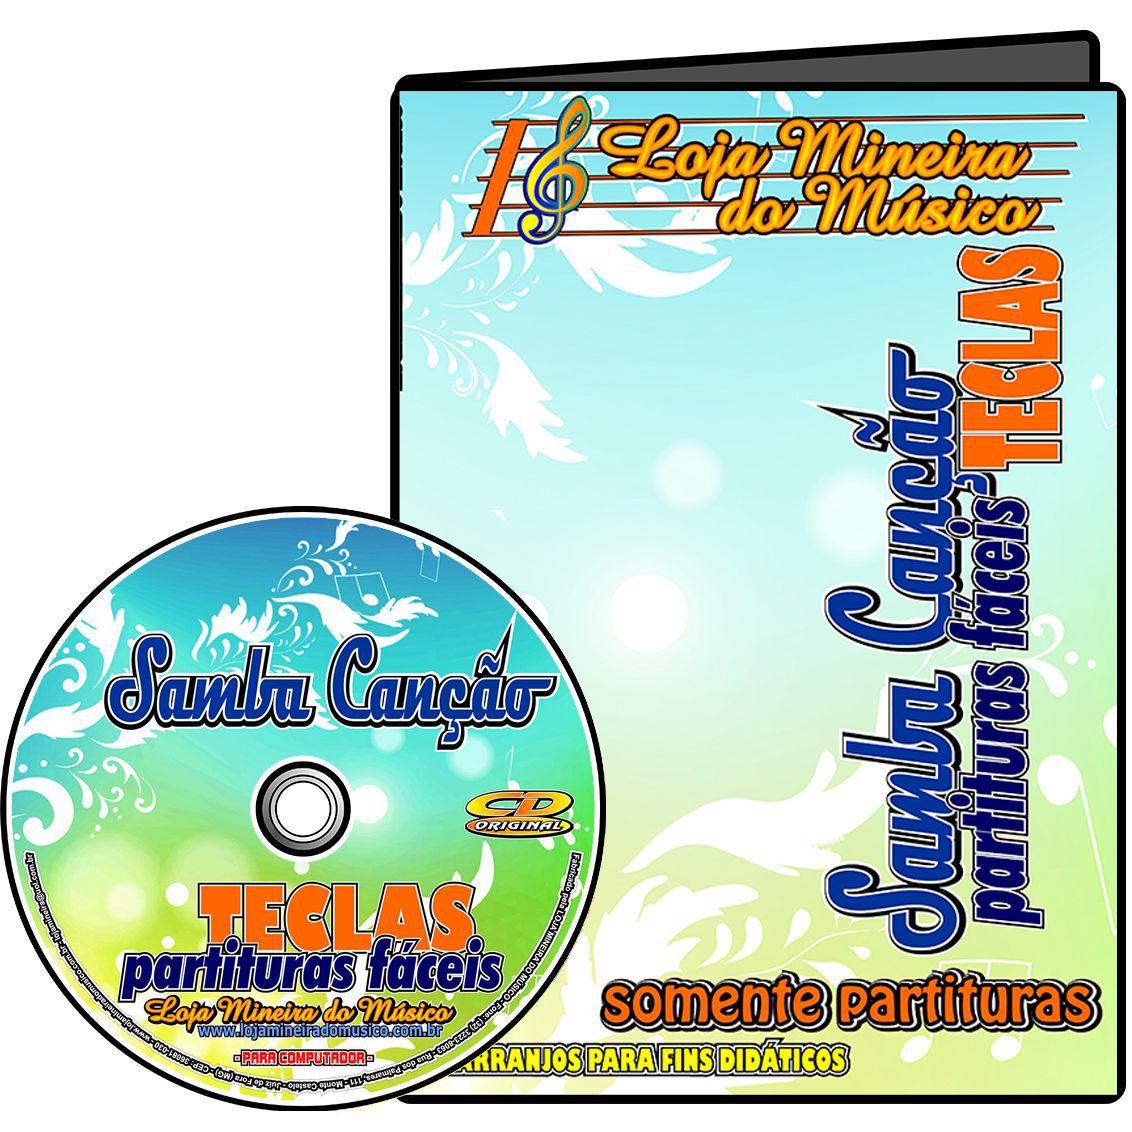 Kit Samba Canção + Roberto Carlos + de 100 Partituras com letra na Partitura mais Melodias e Cifras dos Acordes | Partituras muito fáceis | Muito Fácil |Primeiras músicas no teclado sax flauta violino